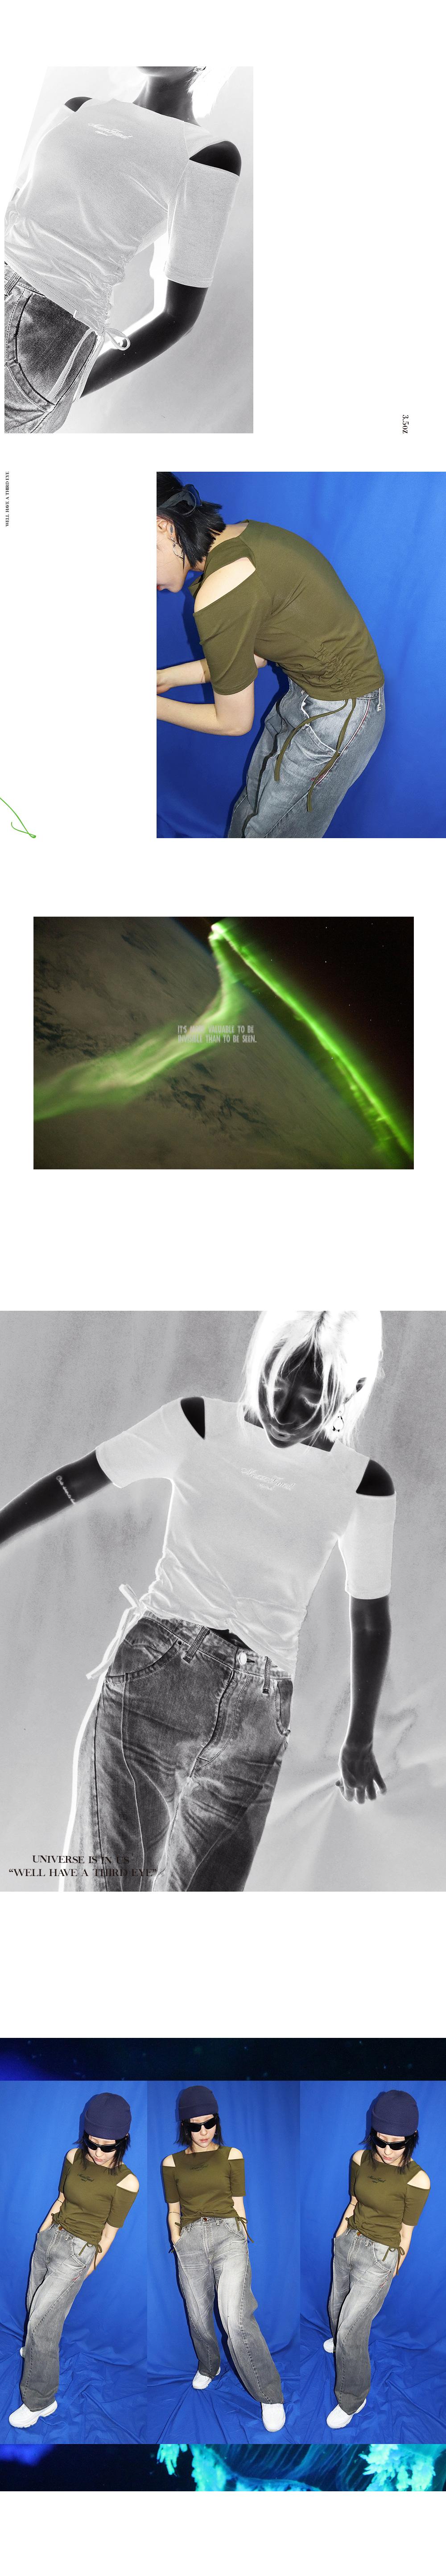 메조쿤스트(MEZZOKUNST) 힙스터 슬릿 티셔츠 - KHAKI